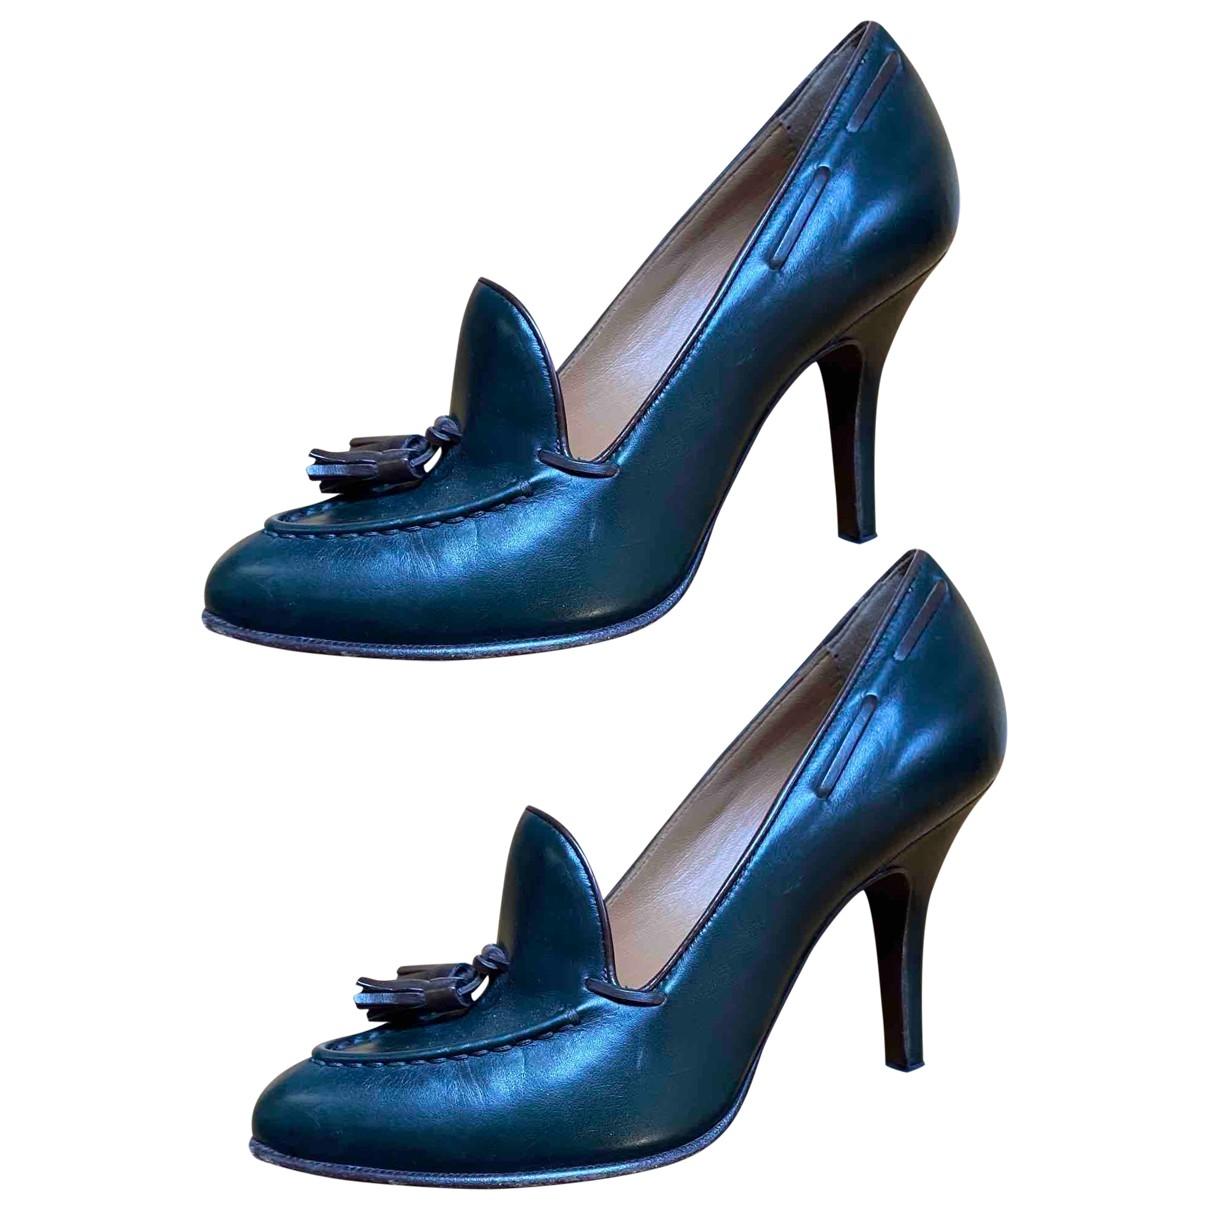 Fratelli Rossetti \N Green Leather Heels for Women 35 IT